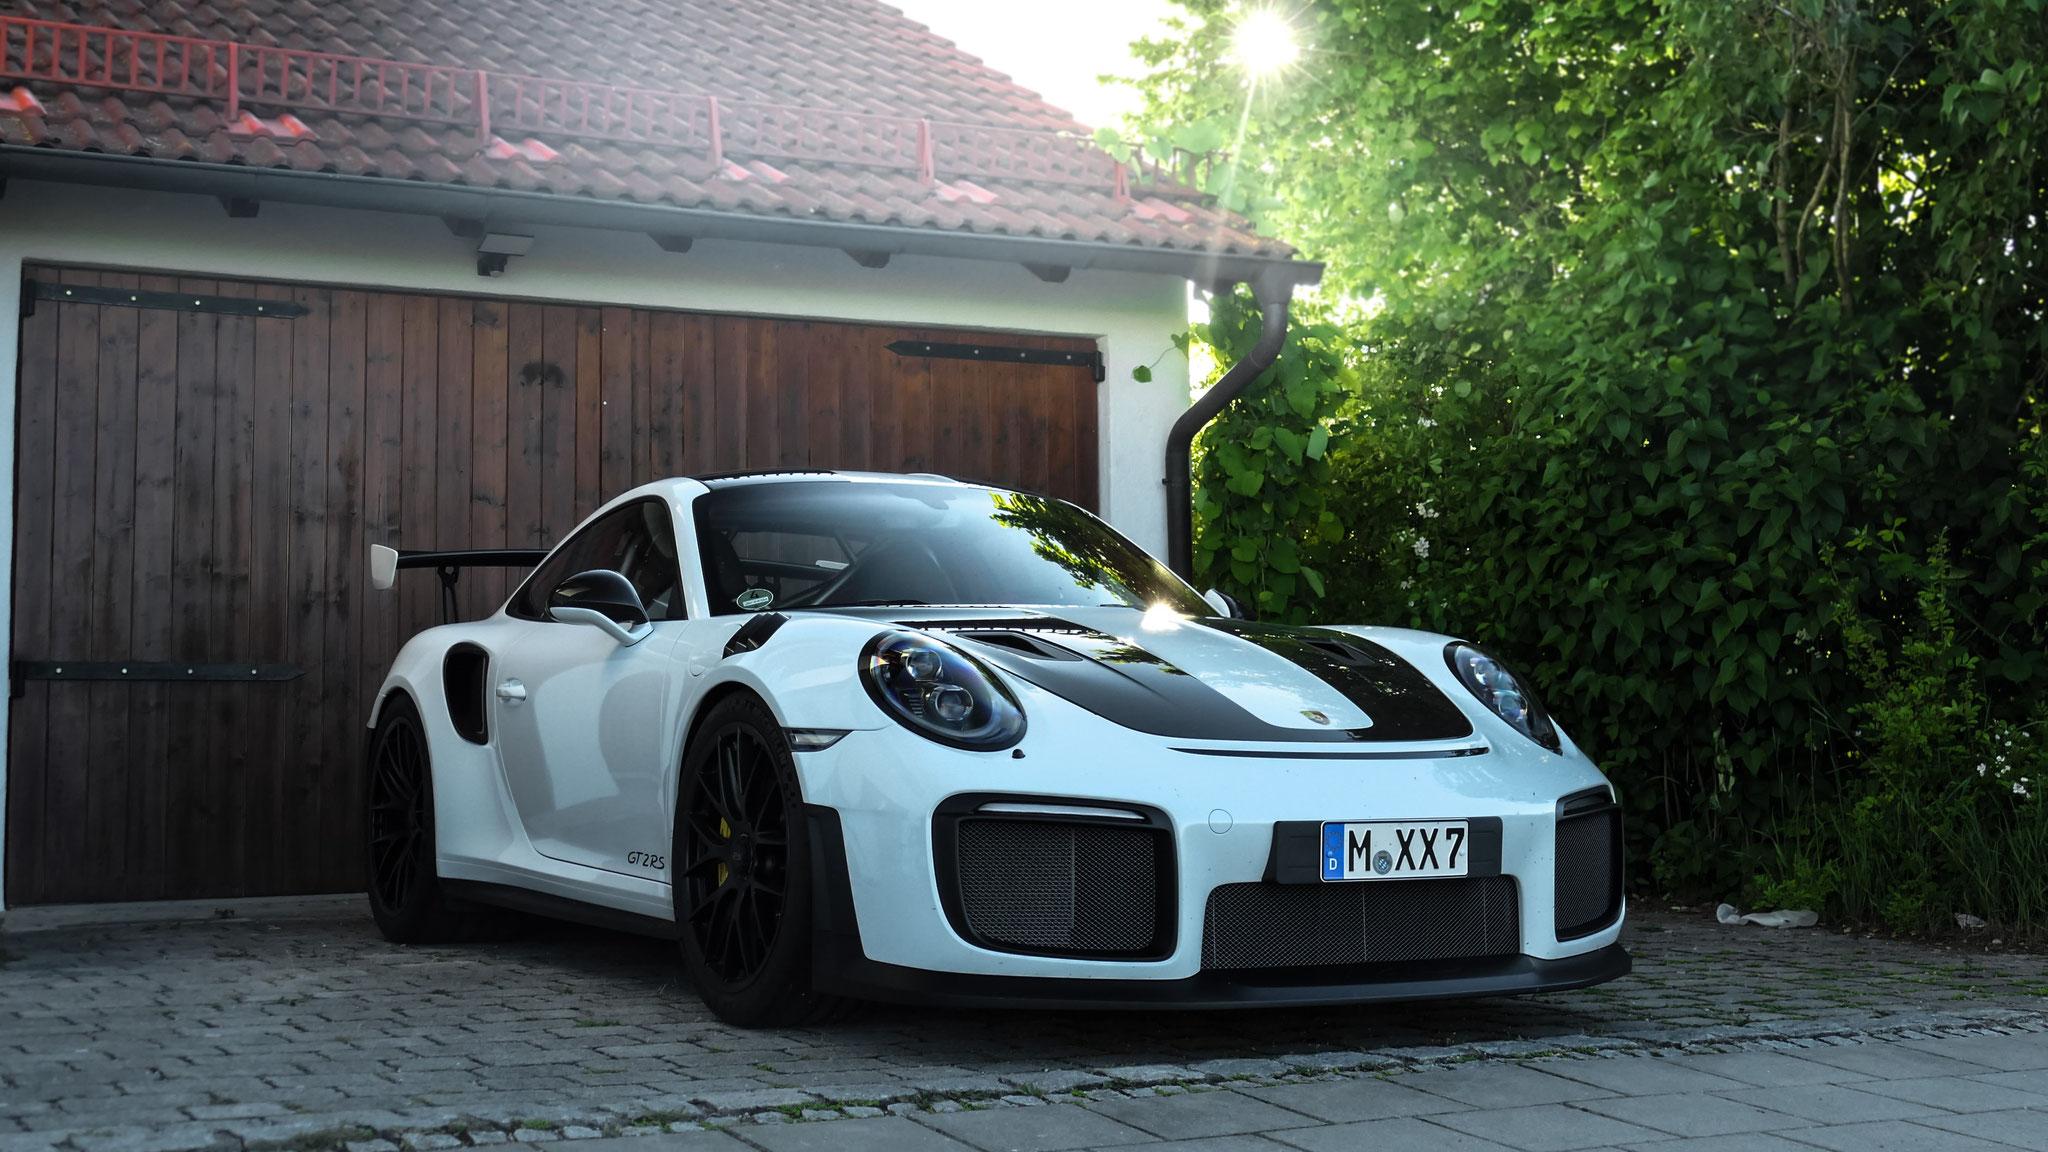 Porsche GT2 RS - M-XX-7